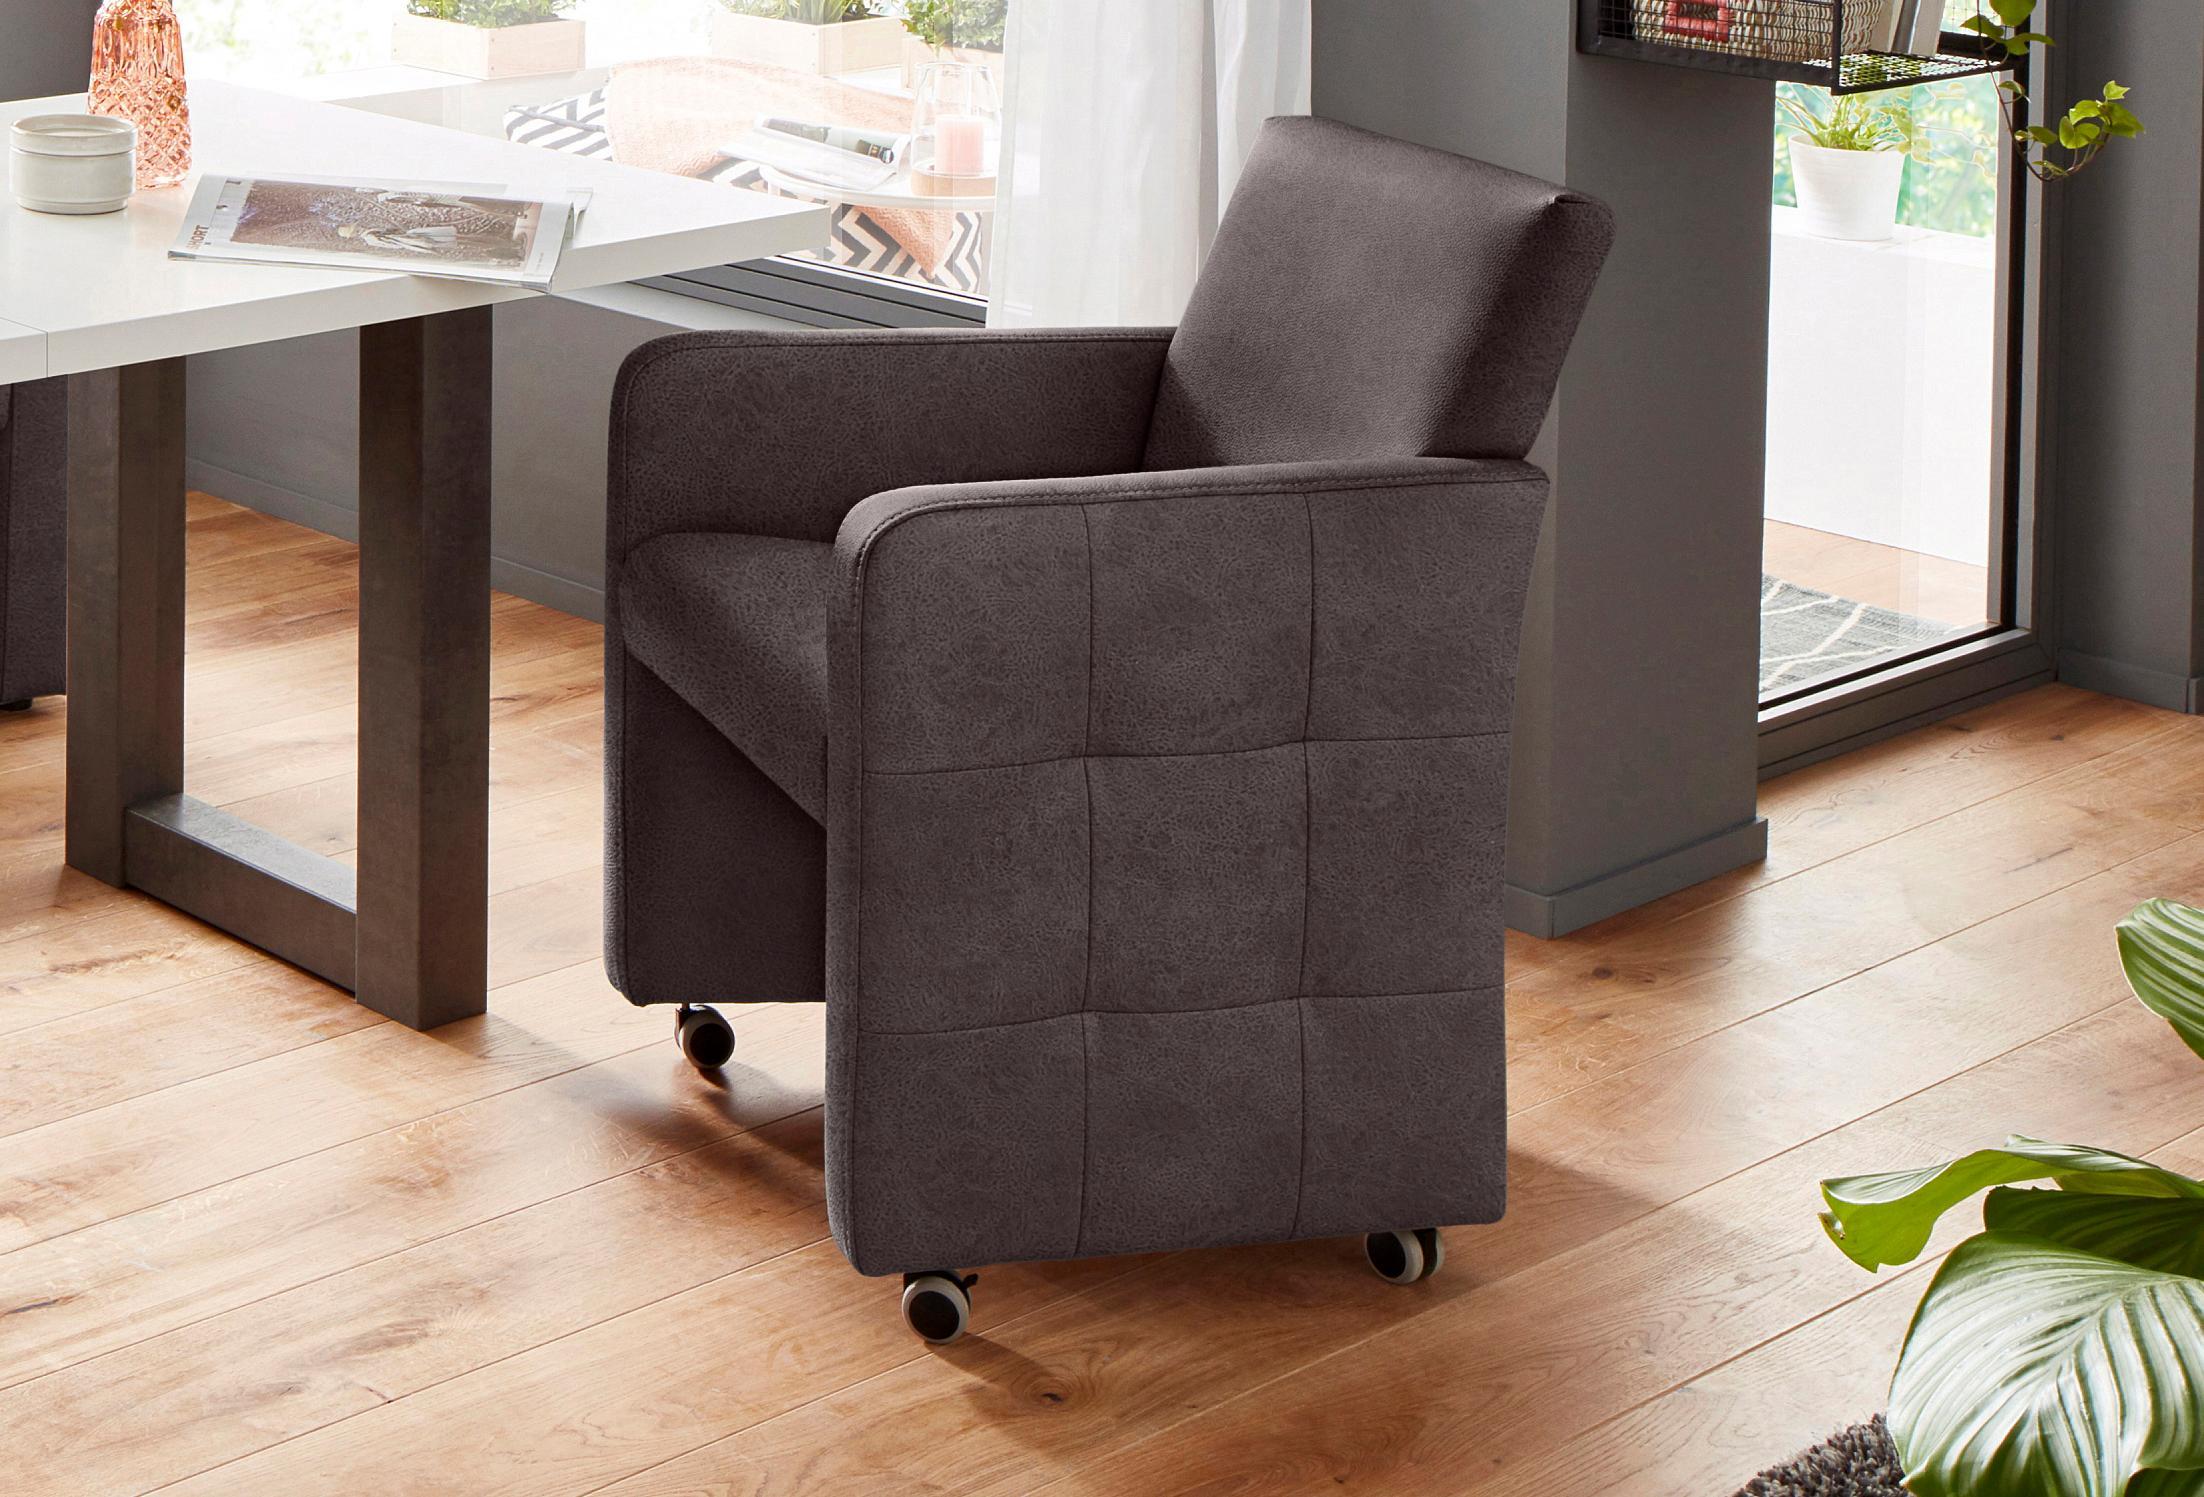 exxpo - sofa fashion Sessel Breite 61 cm